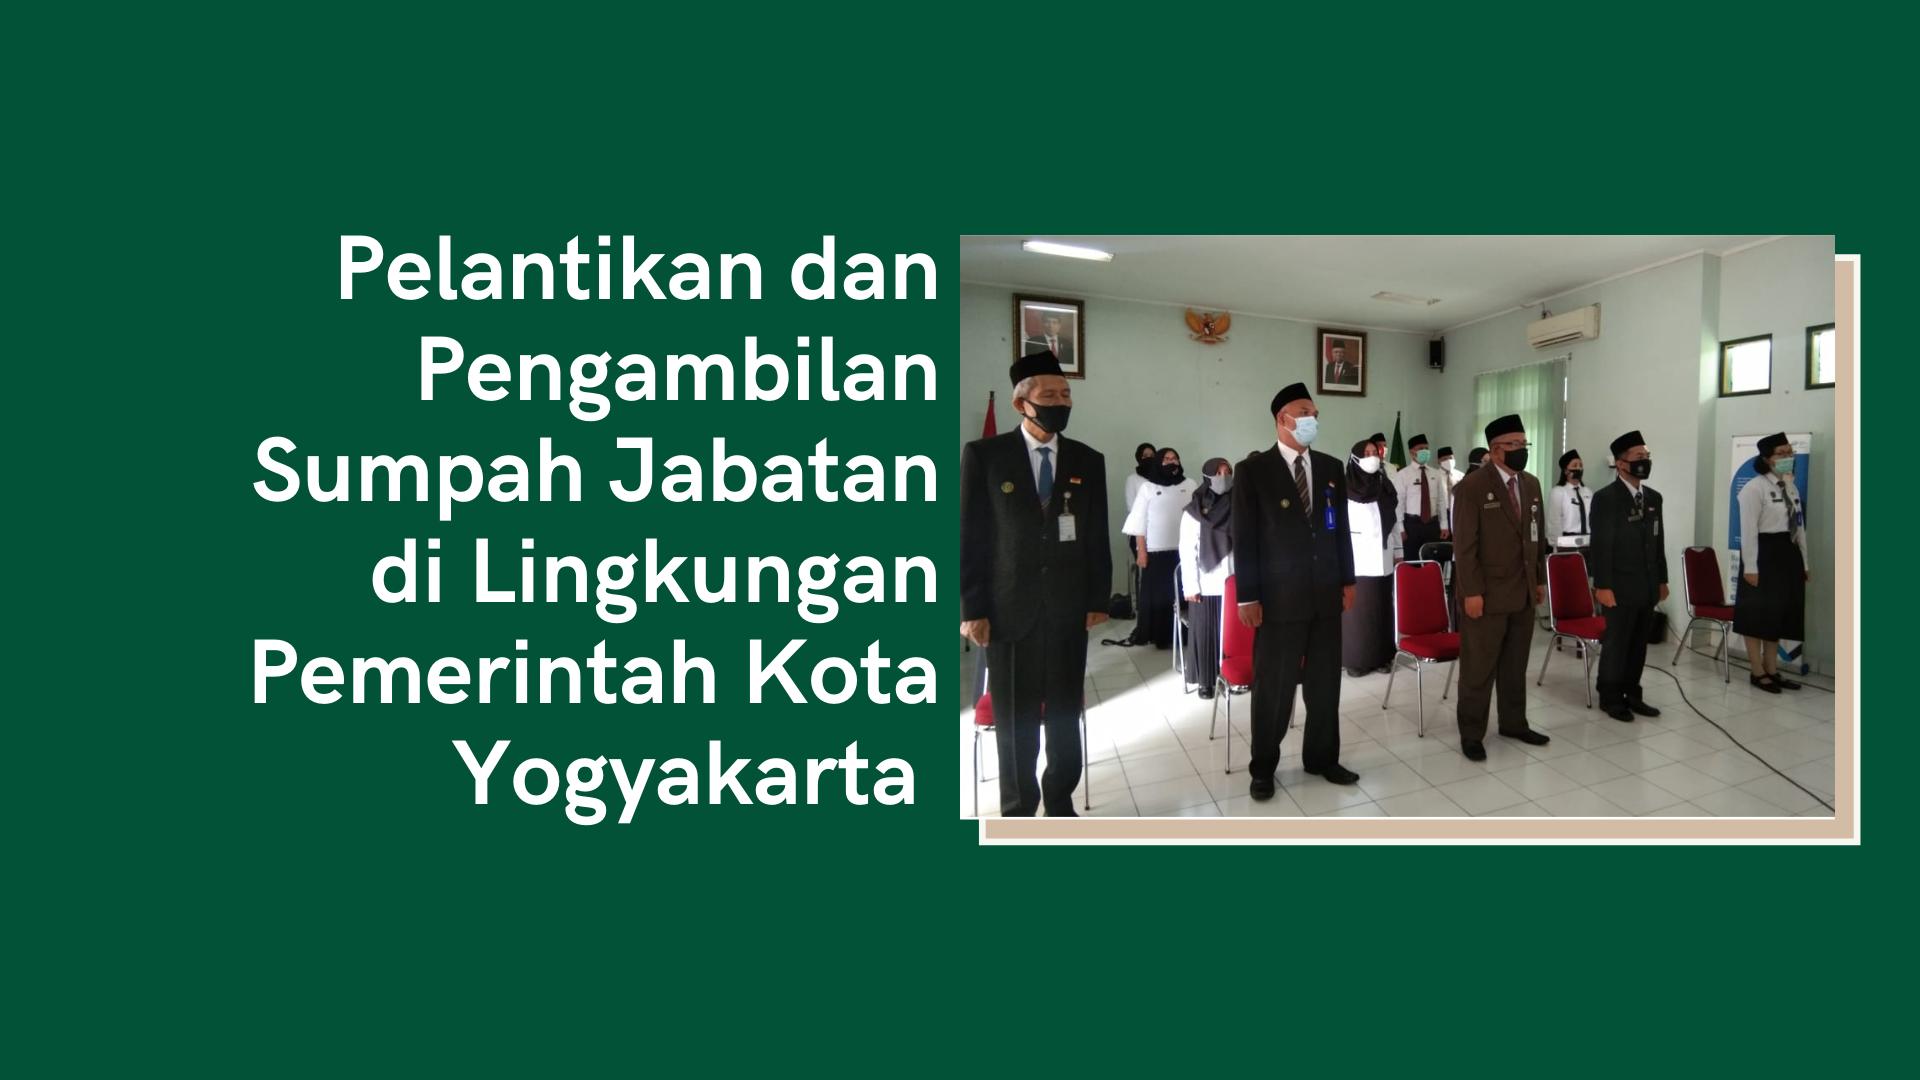 Pelantikan dan Pengambilan Sumpah Jabatan di Lingkungan Pemerintah Kota Yogyakarta secara Virtual